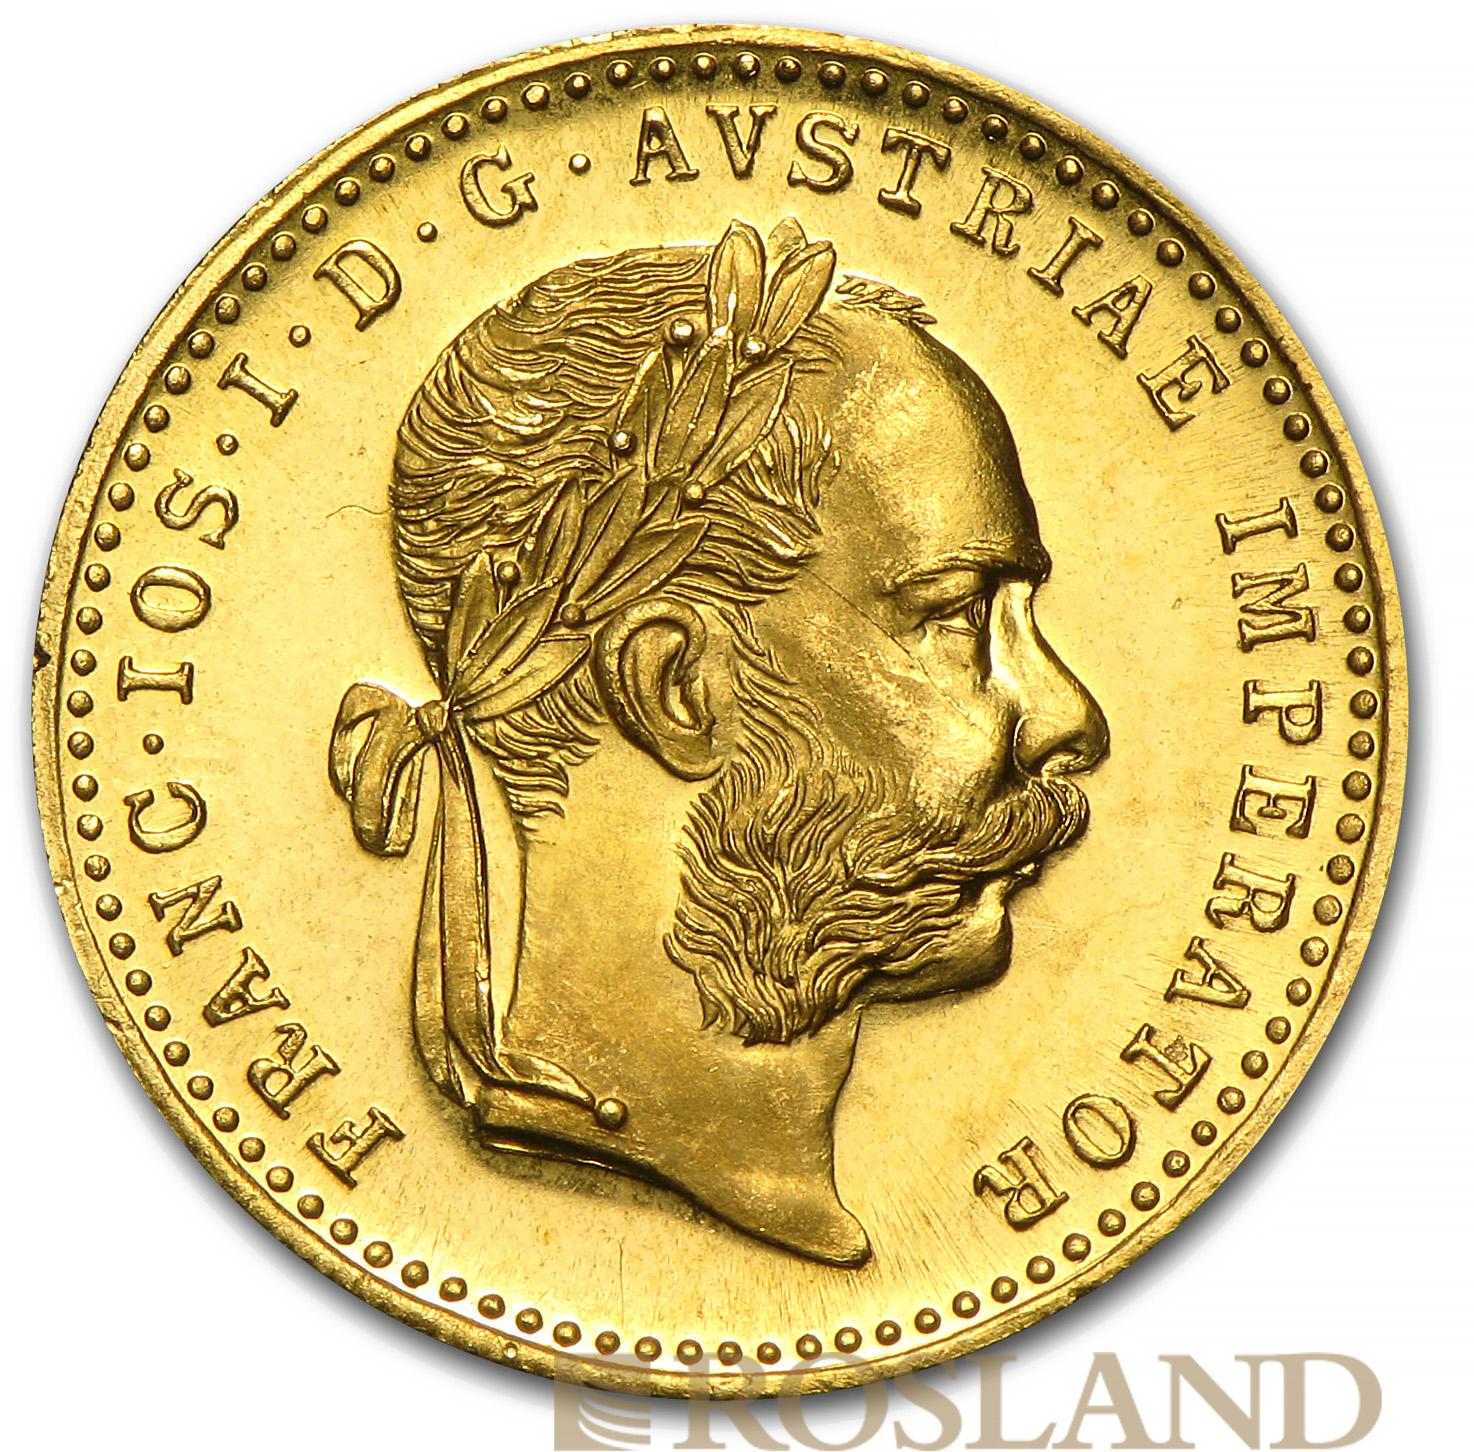 1 Gold-Dukat Münze Österreich 1915 Prooflike